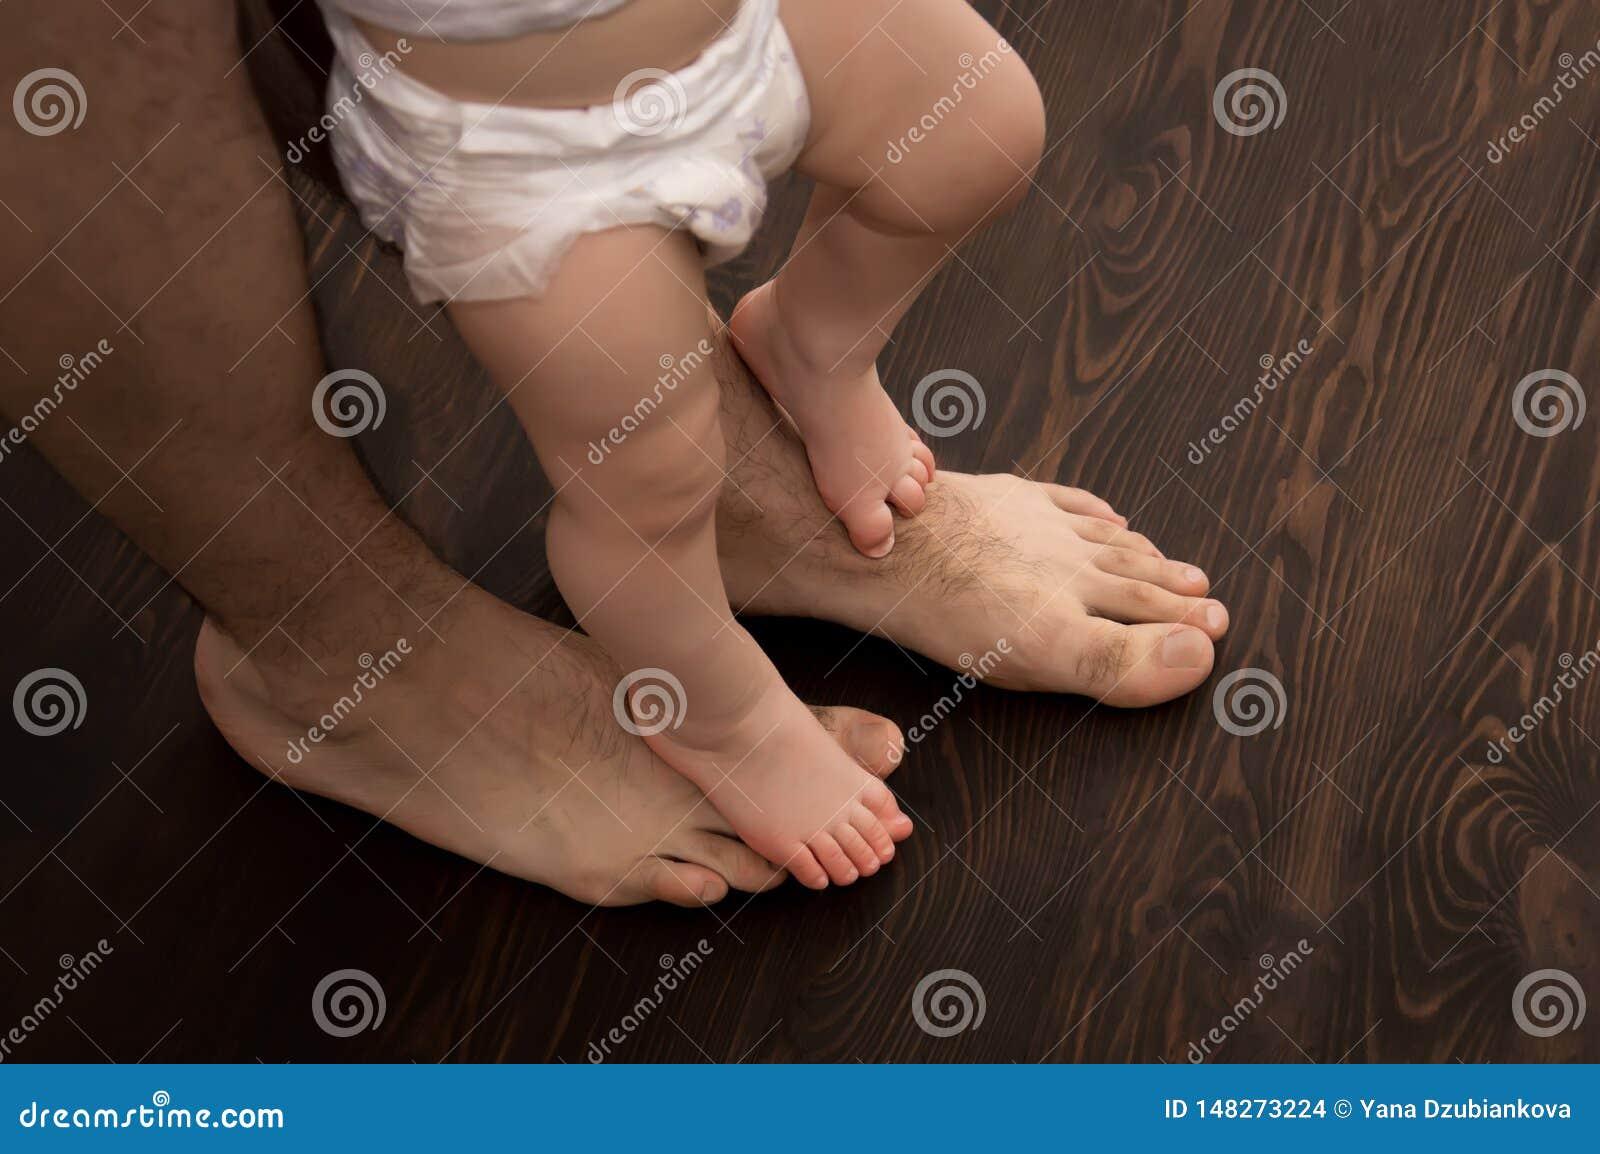 Ребенок делает первый шаг Большие мужские ноги с небольшими ногами младенца Папа помогает ребенку предпринять первые шаги